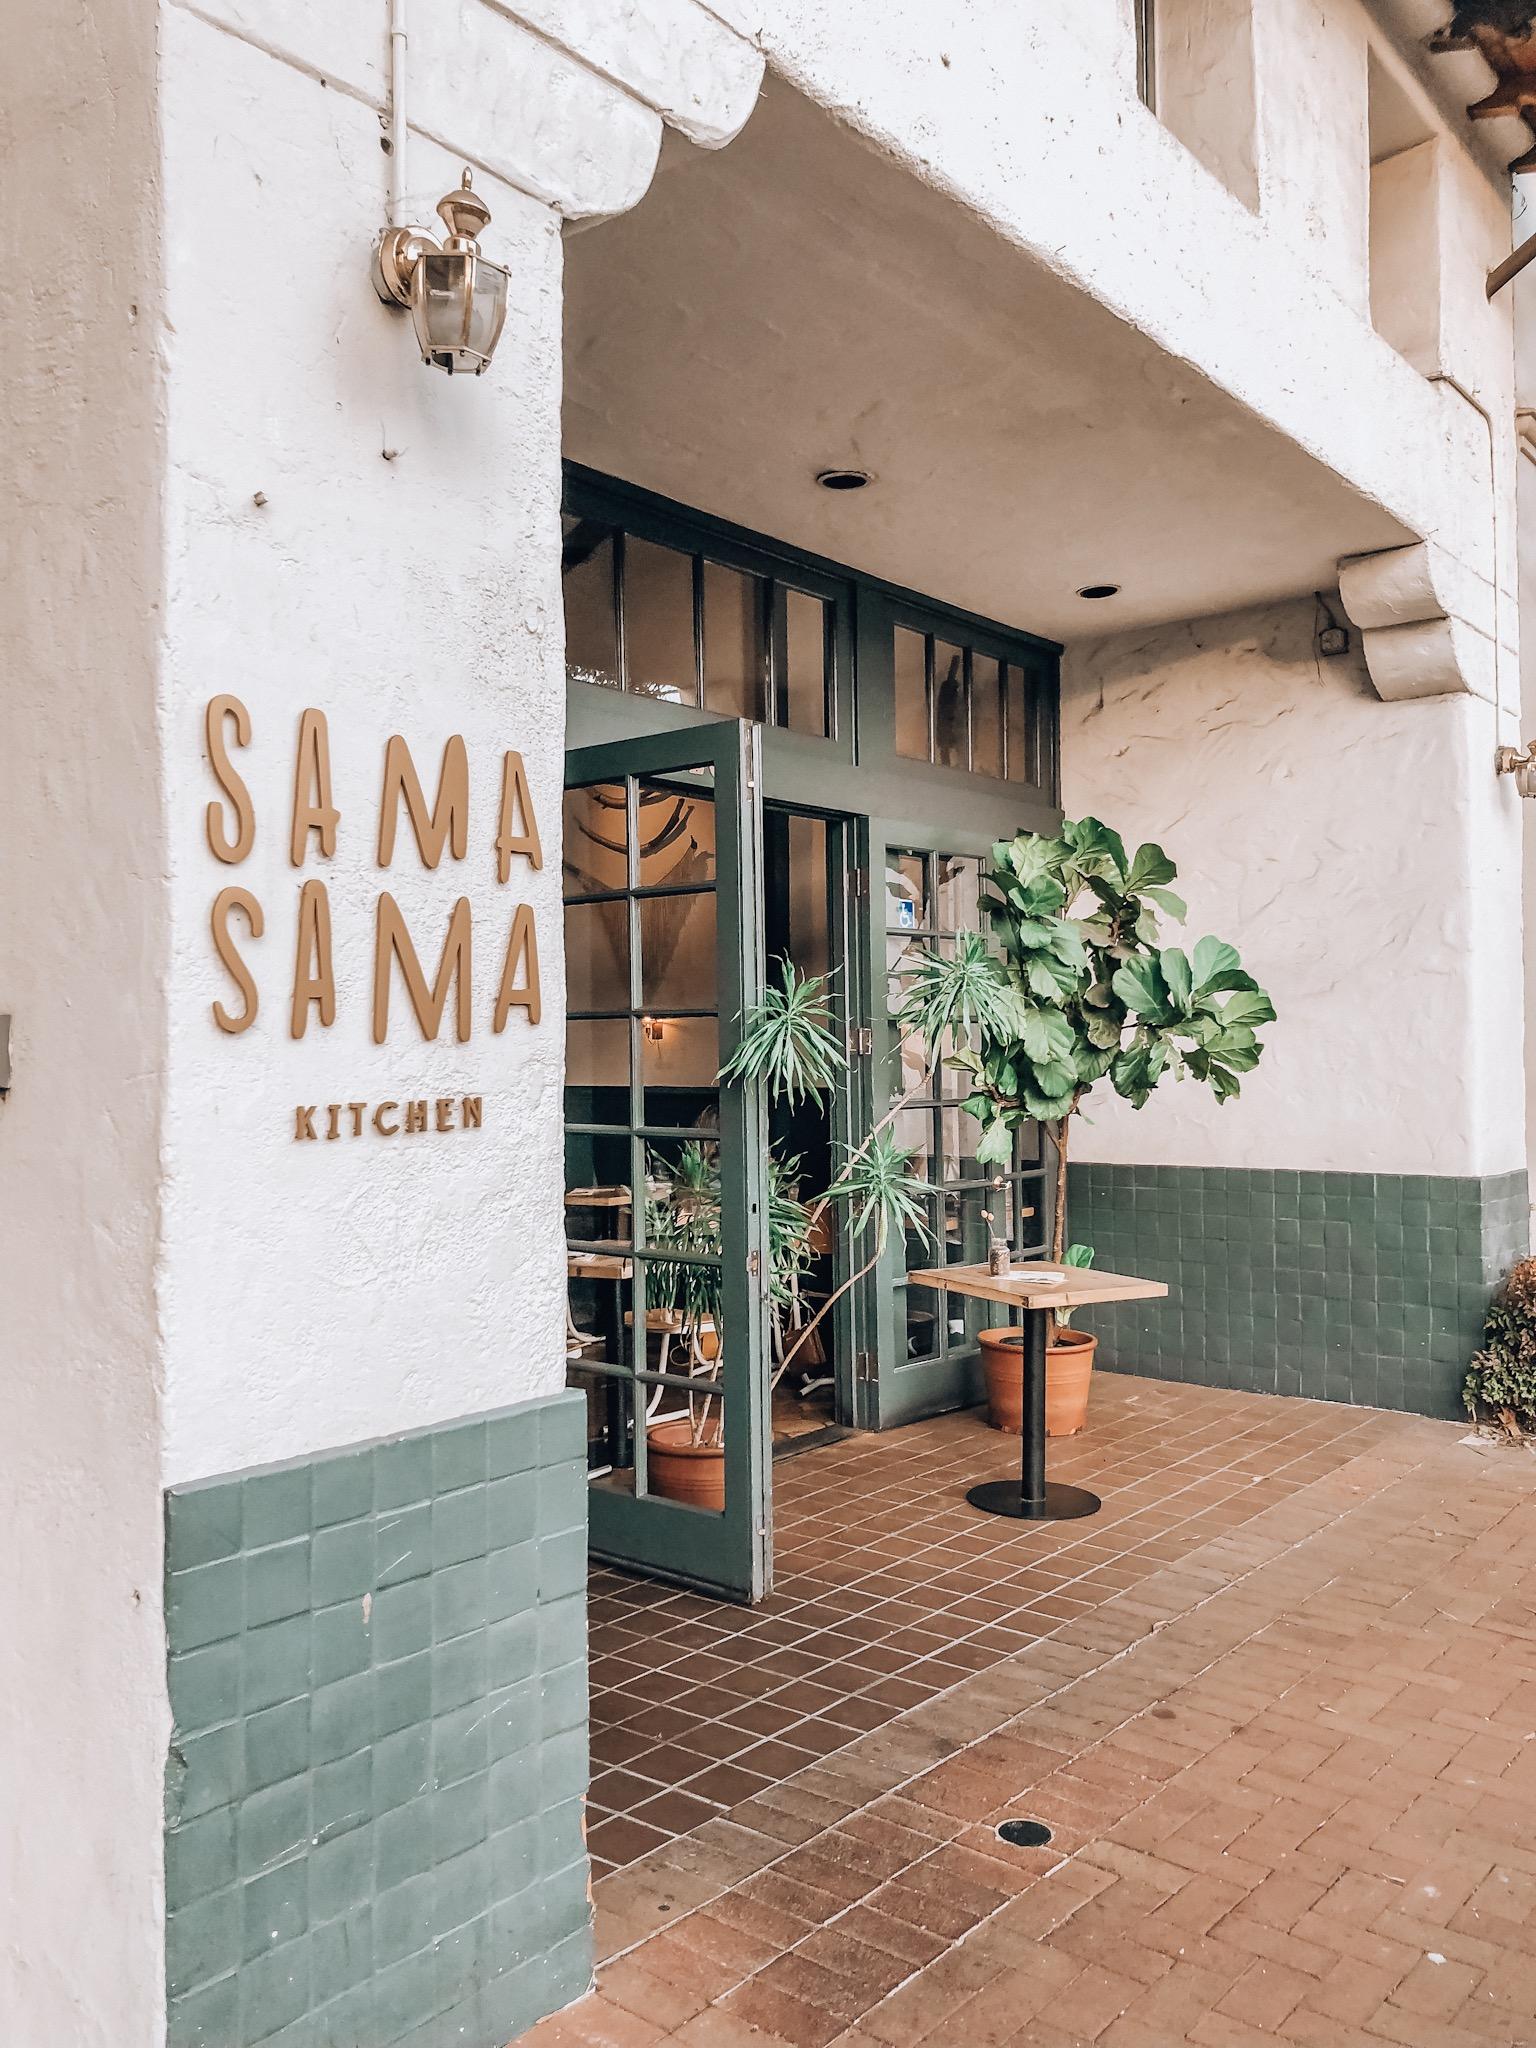 Sama Sama Kitchen Santa Barbara